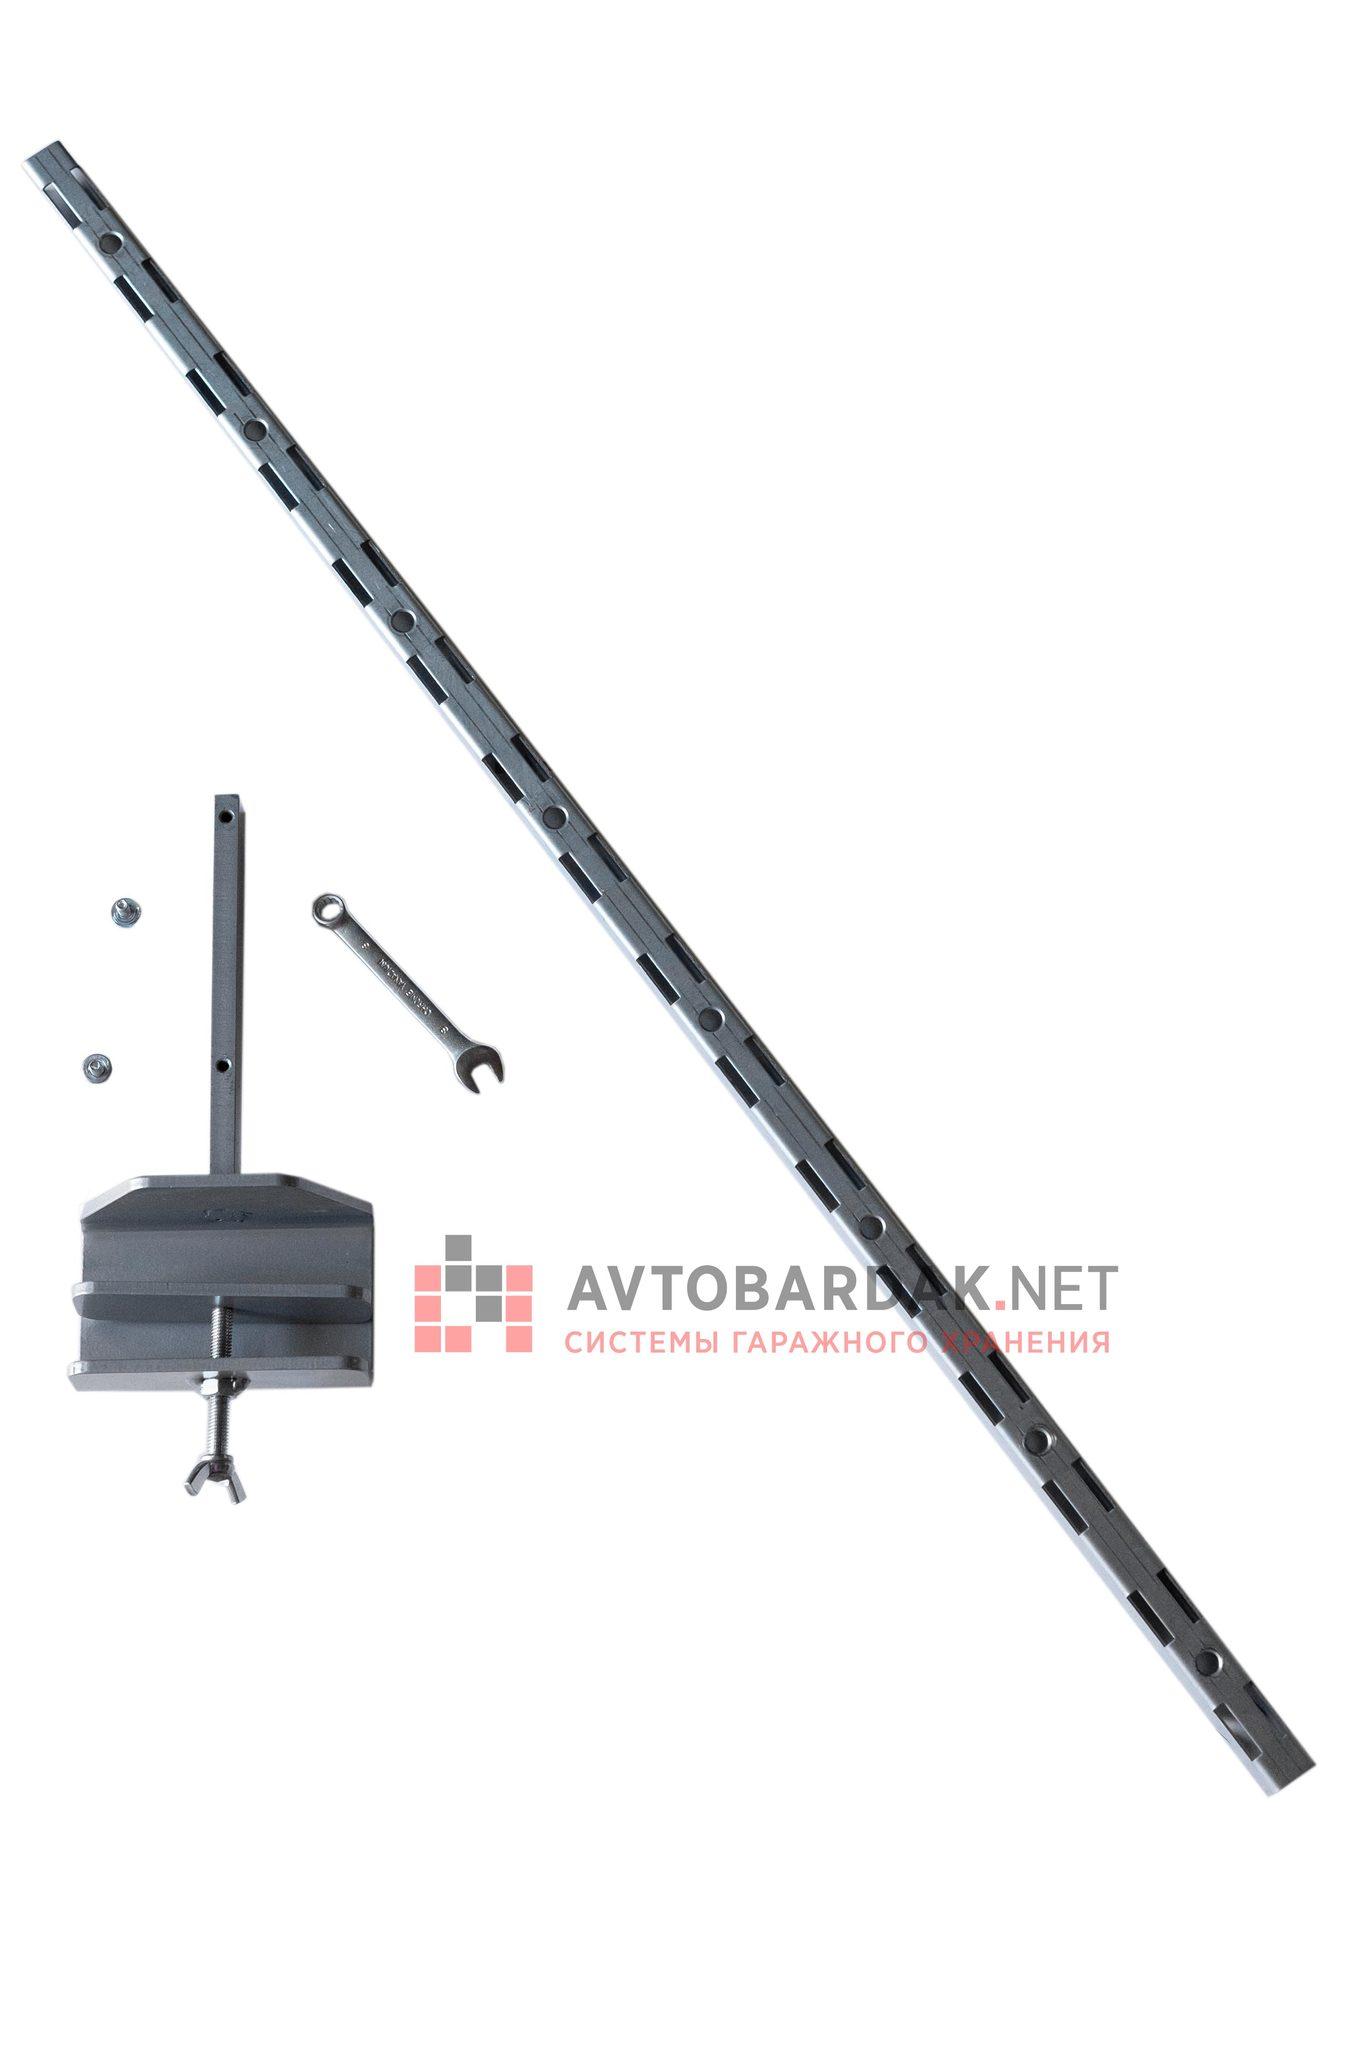 Вертикальная стойка экрана верстака (высота 800 мм)